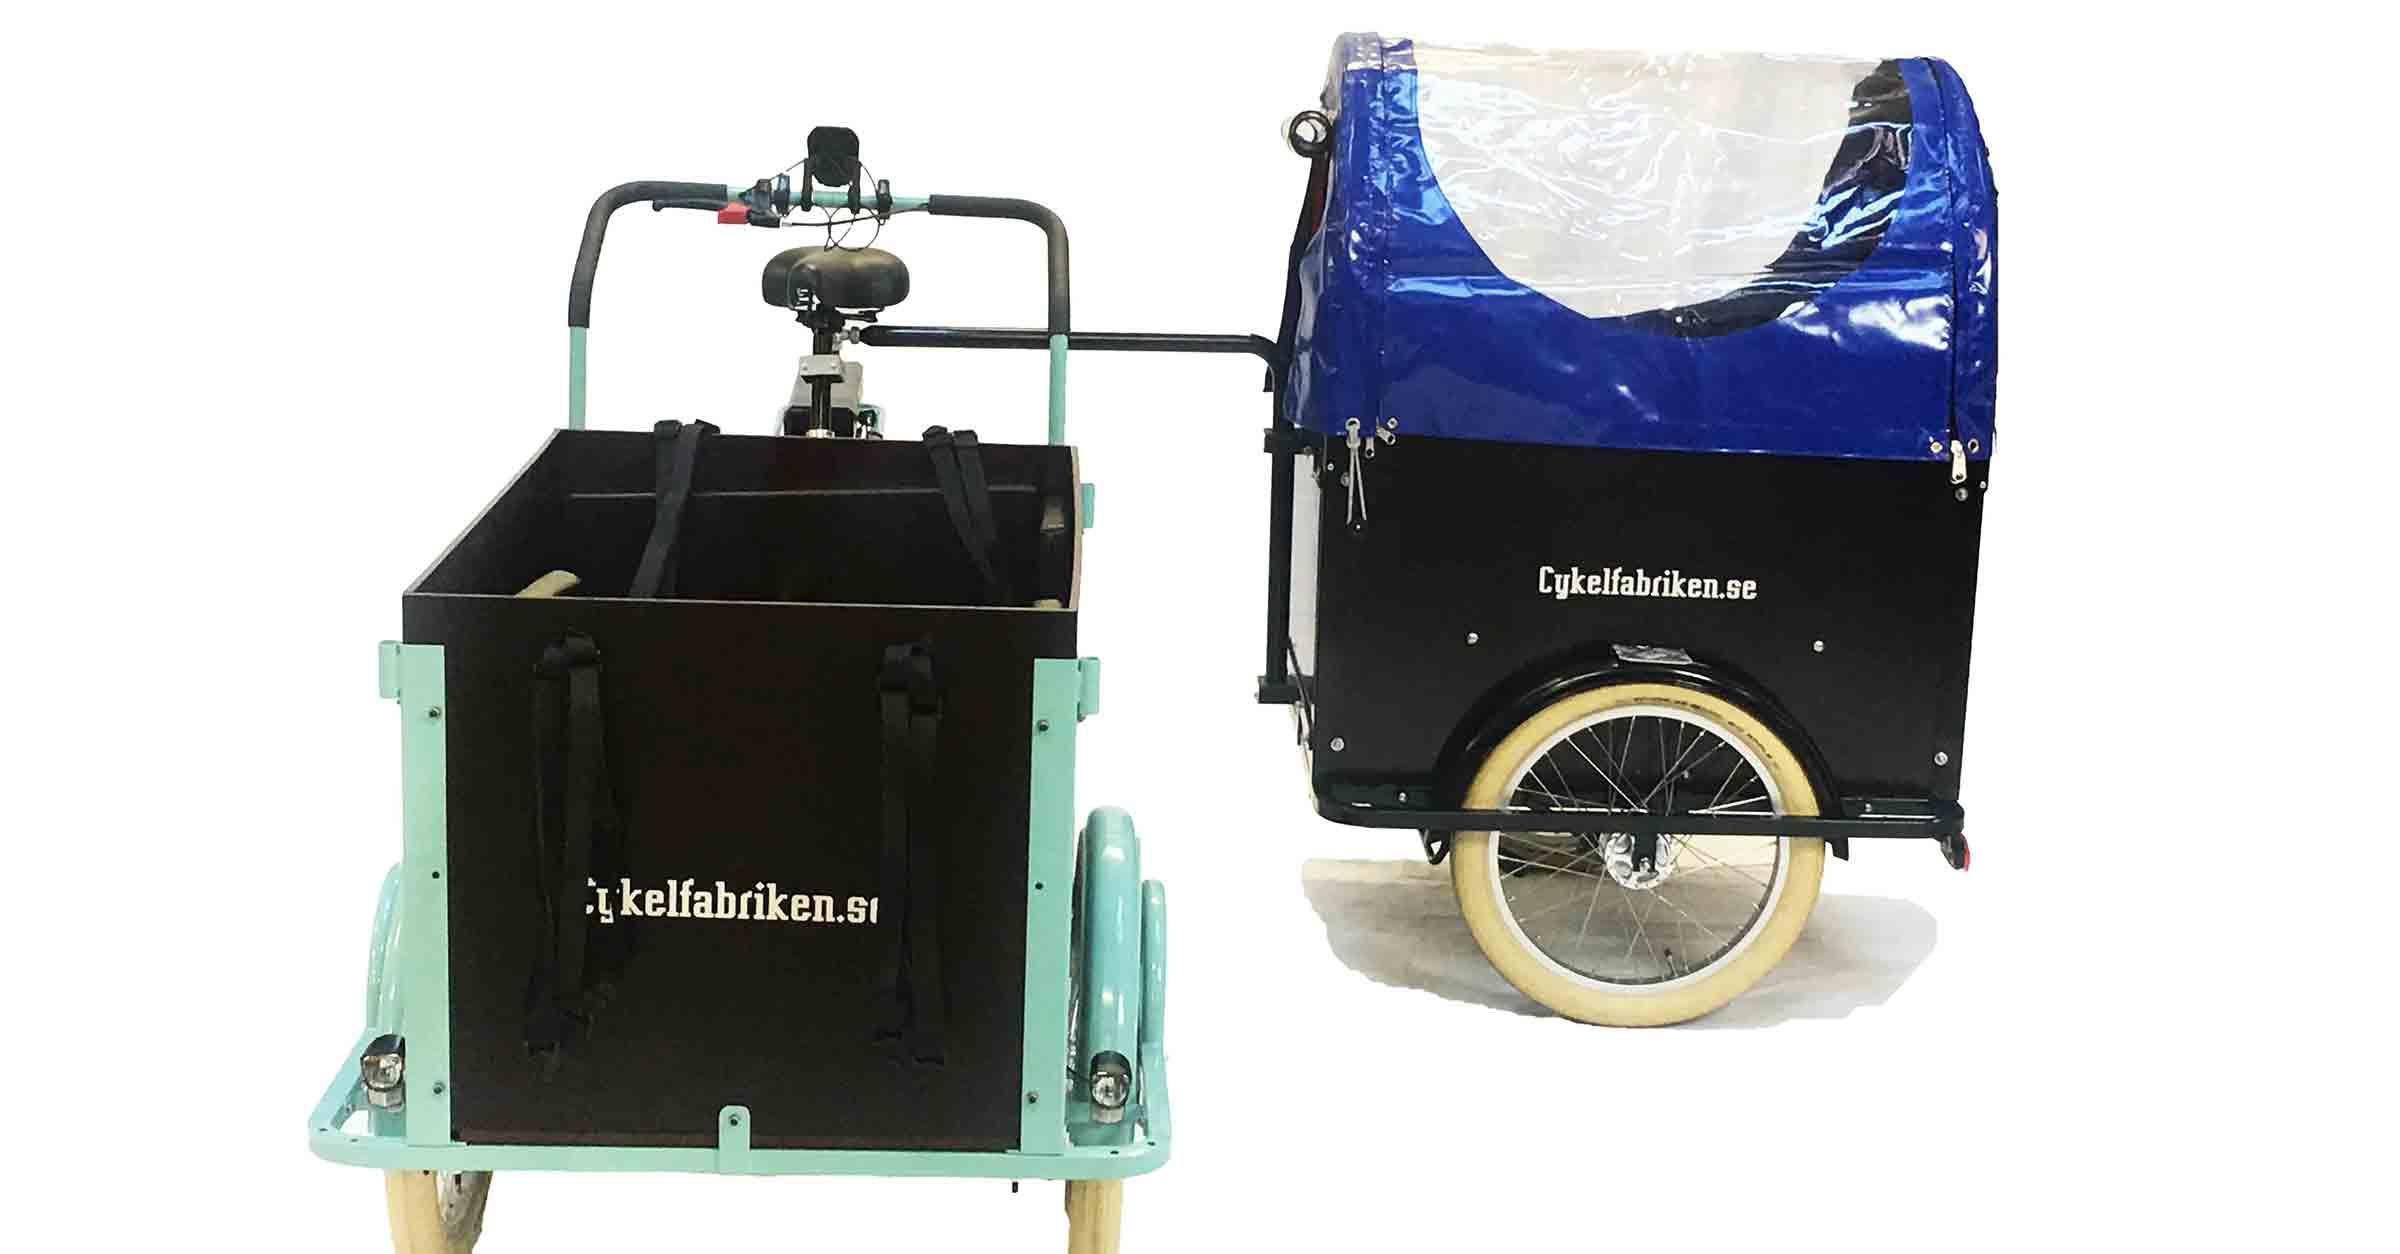 Bakfiets-Klassisk-Shimano-Motor-Vagnen